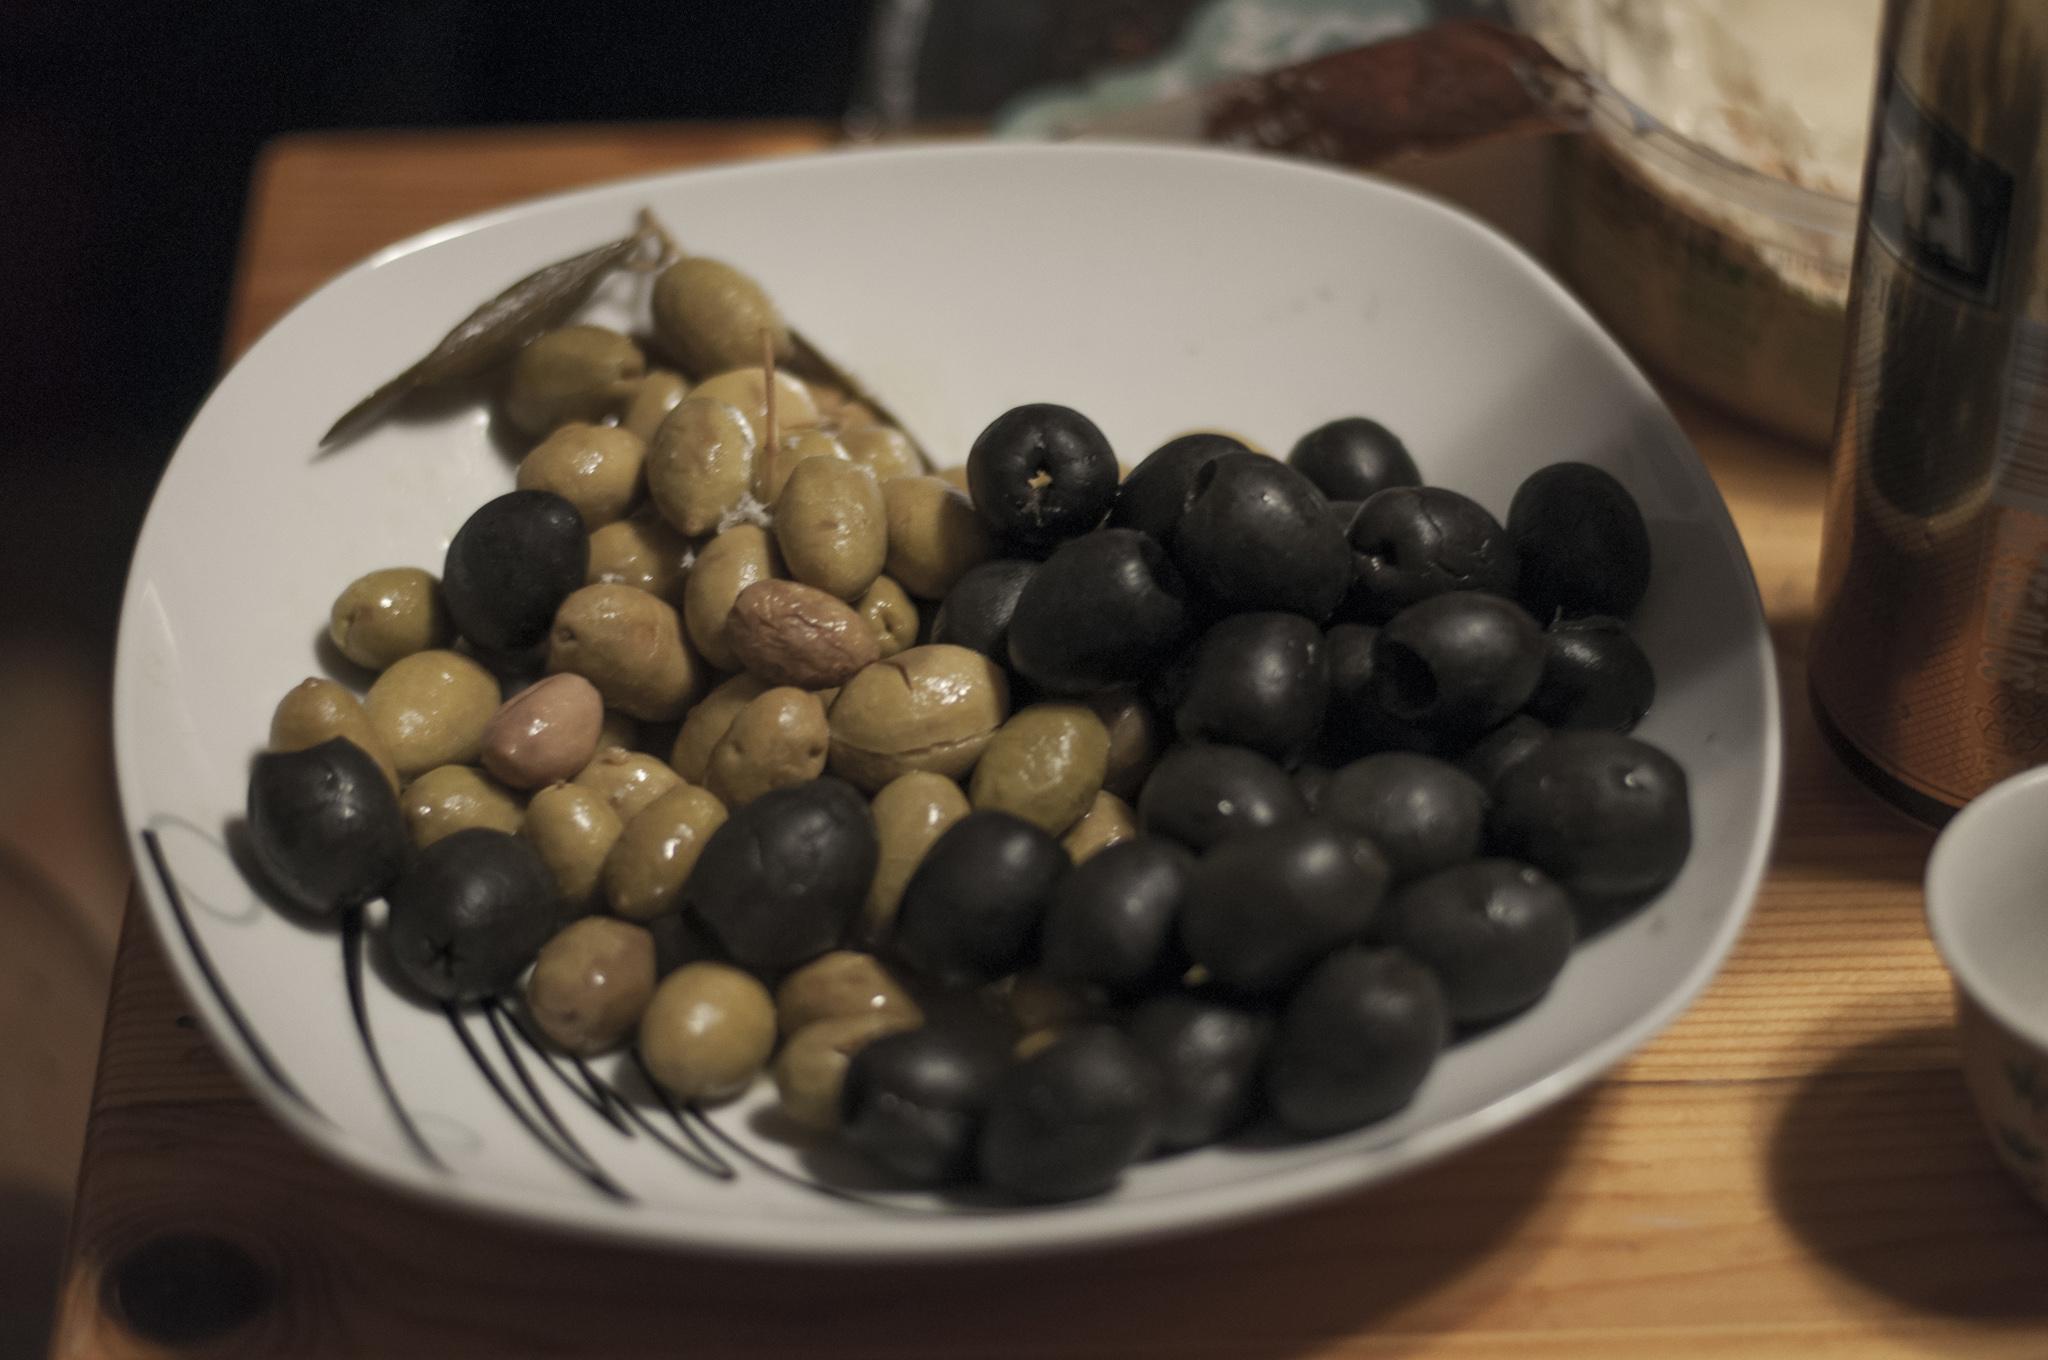 izraelskie oliwki - bardzo smaczne! :)